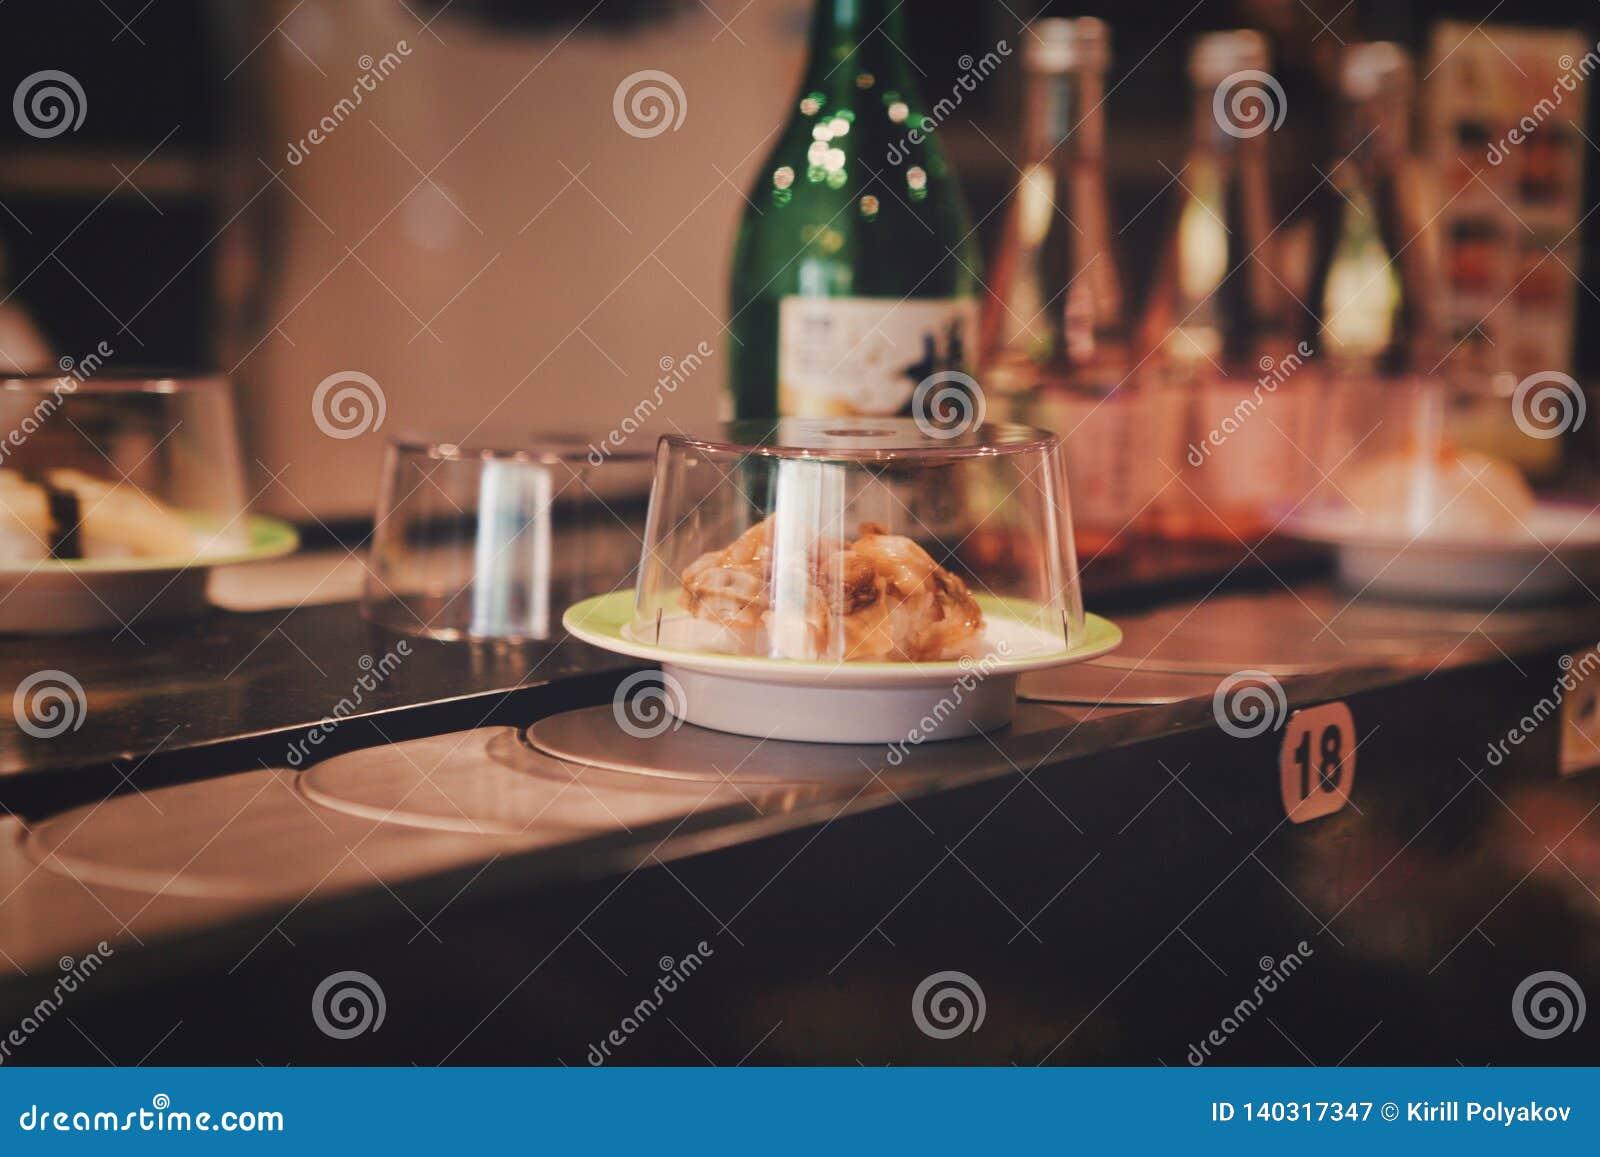 Пекин, Китай - 9-ое июня 2018: Счетчик в сушах японского ресторана с готовыми едами